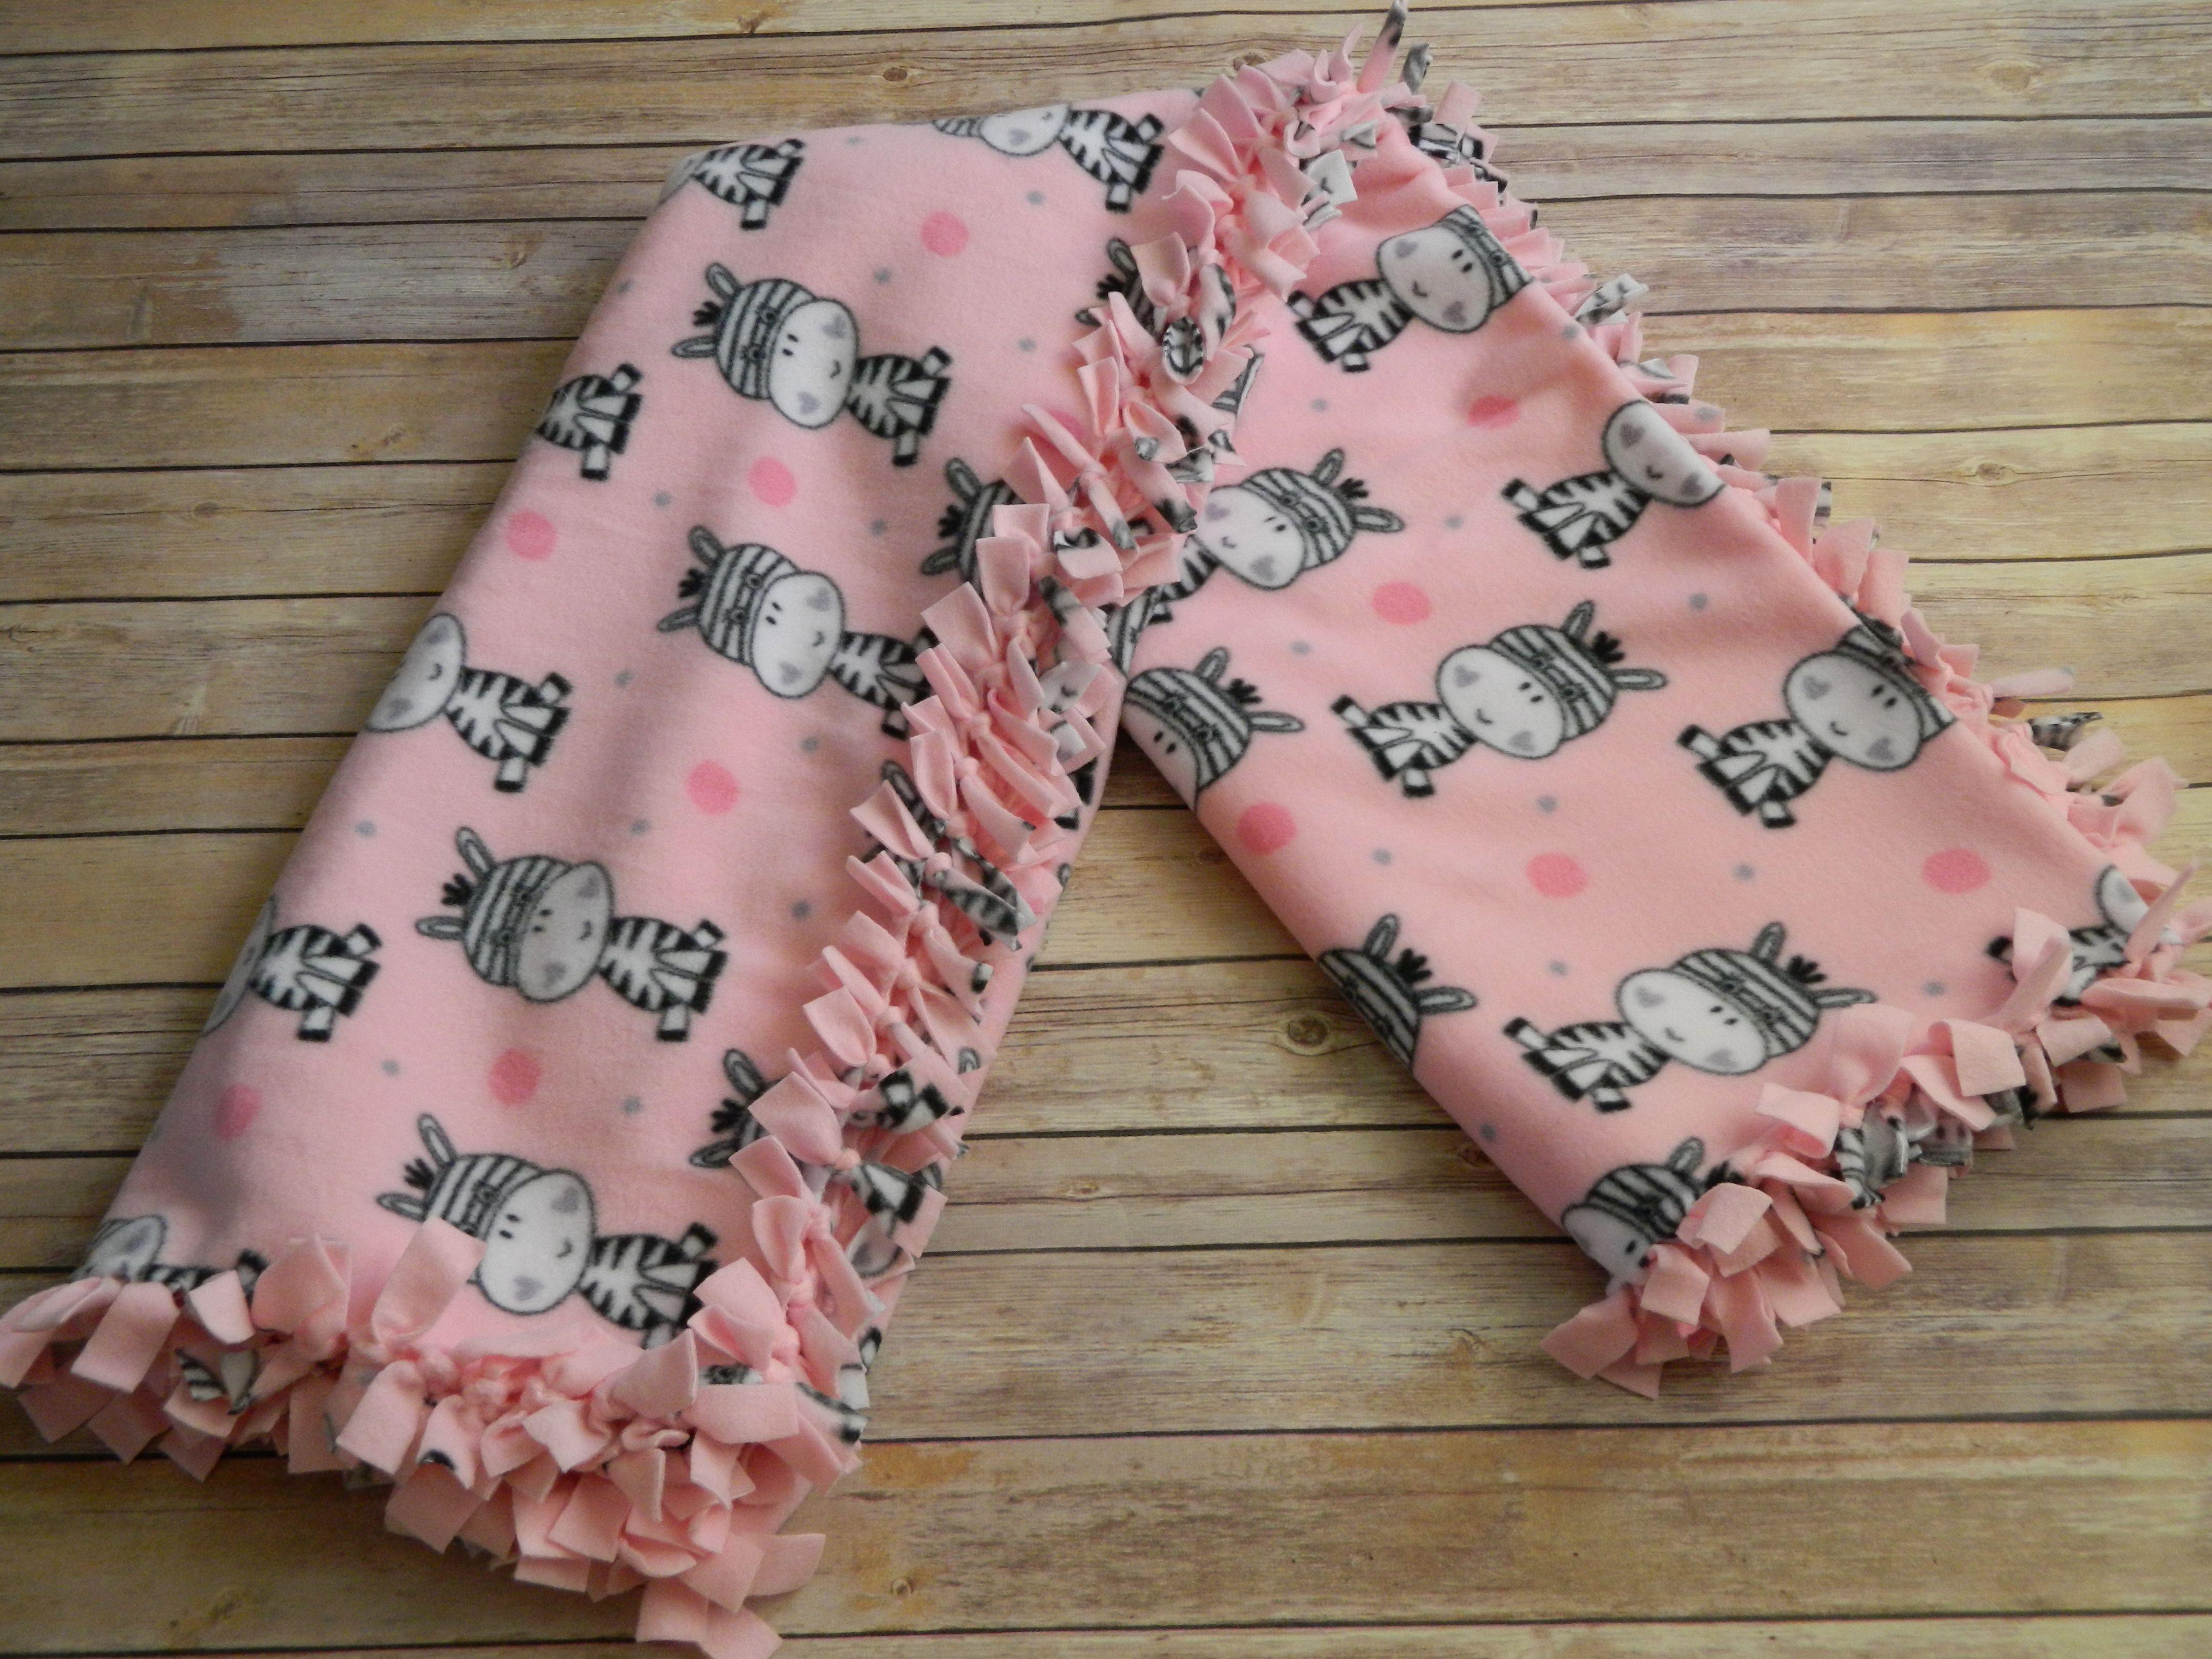 Baby zebras on pink design antipill nosew blizzard fleece blanket